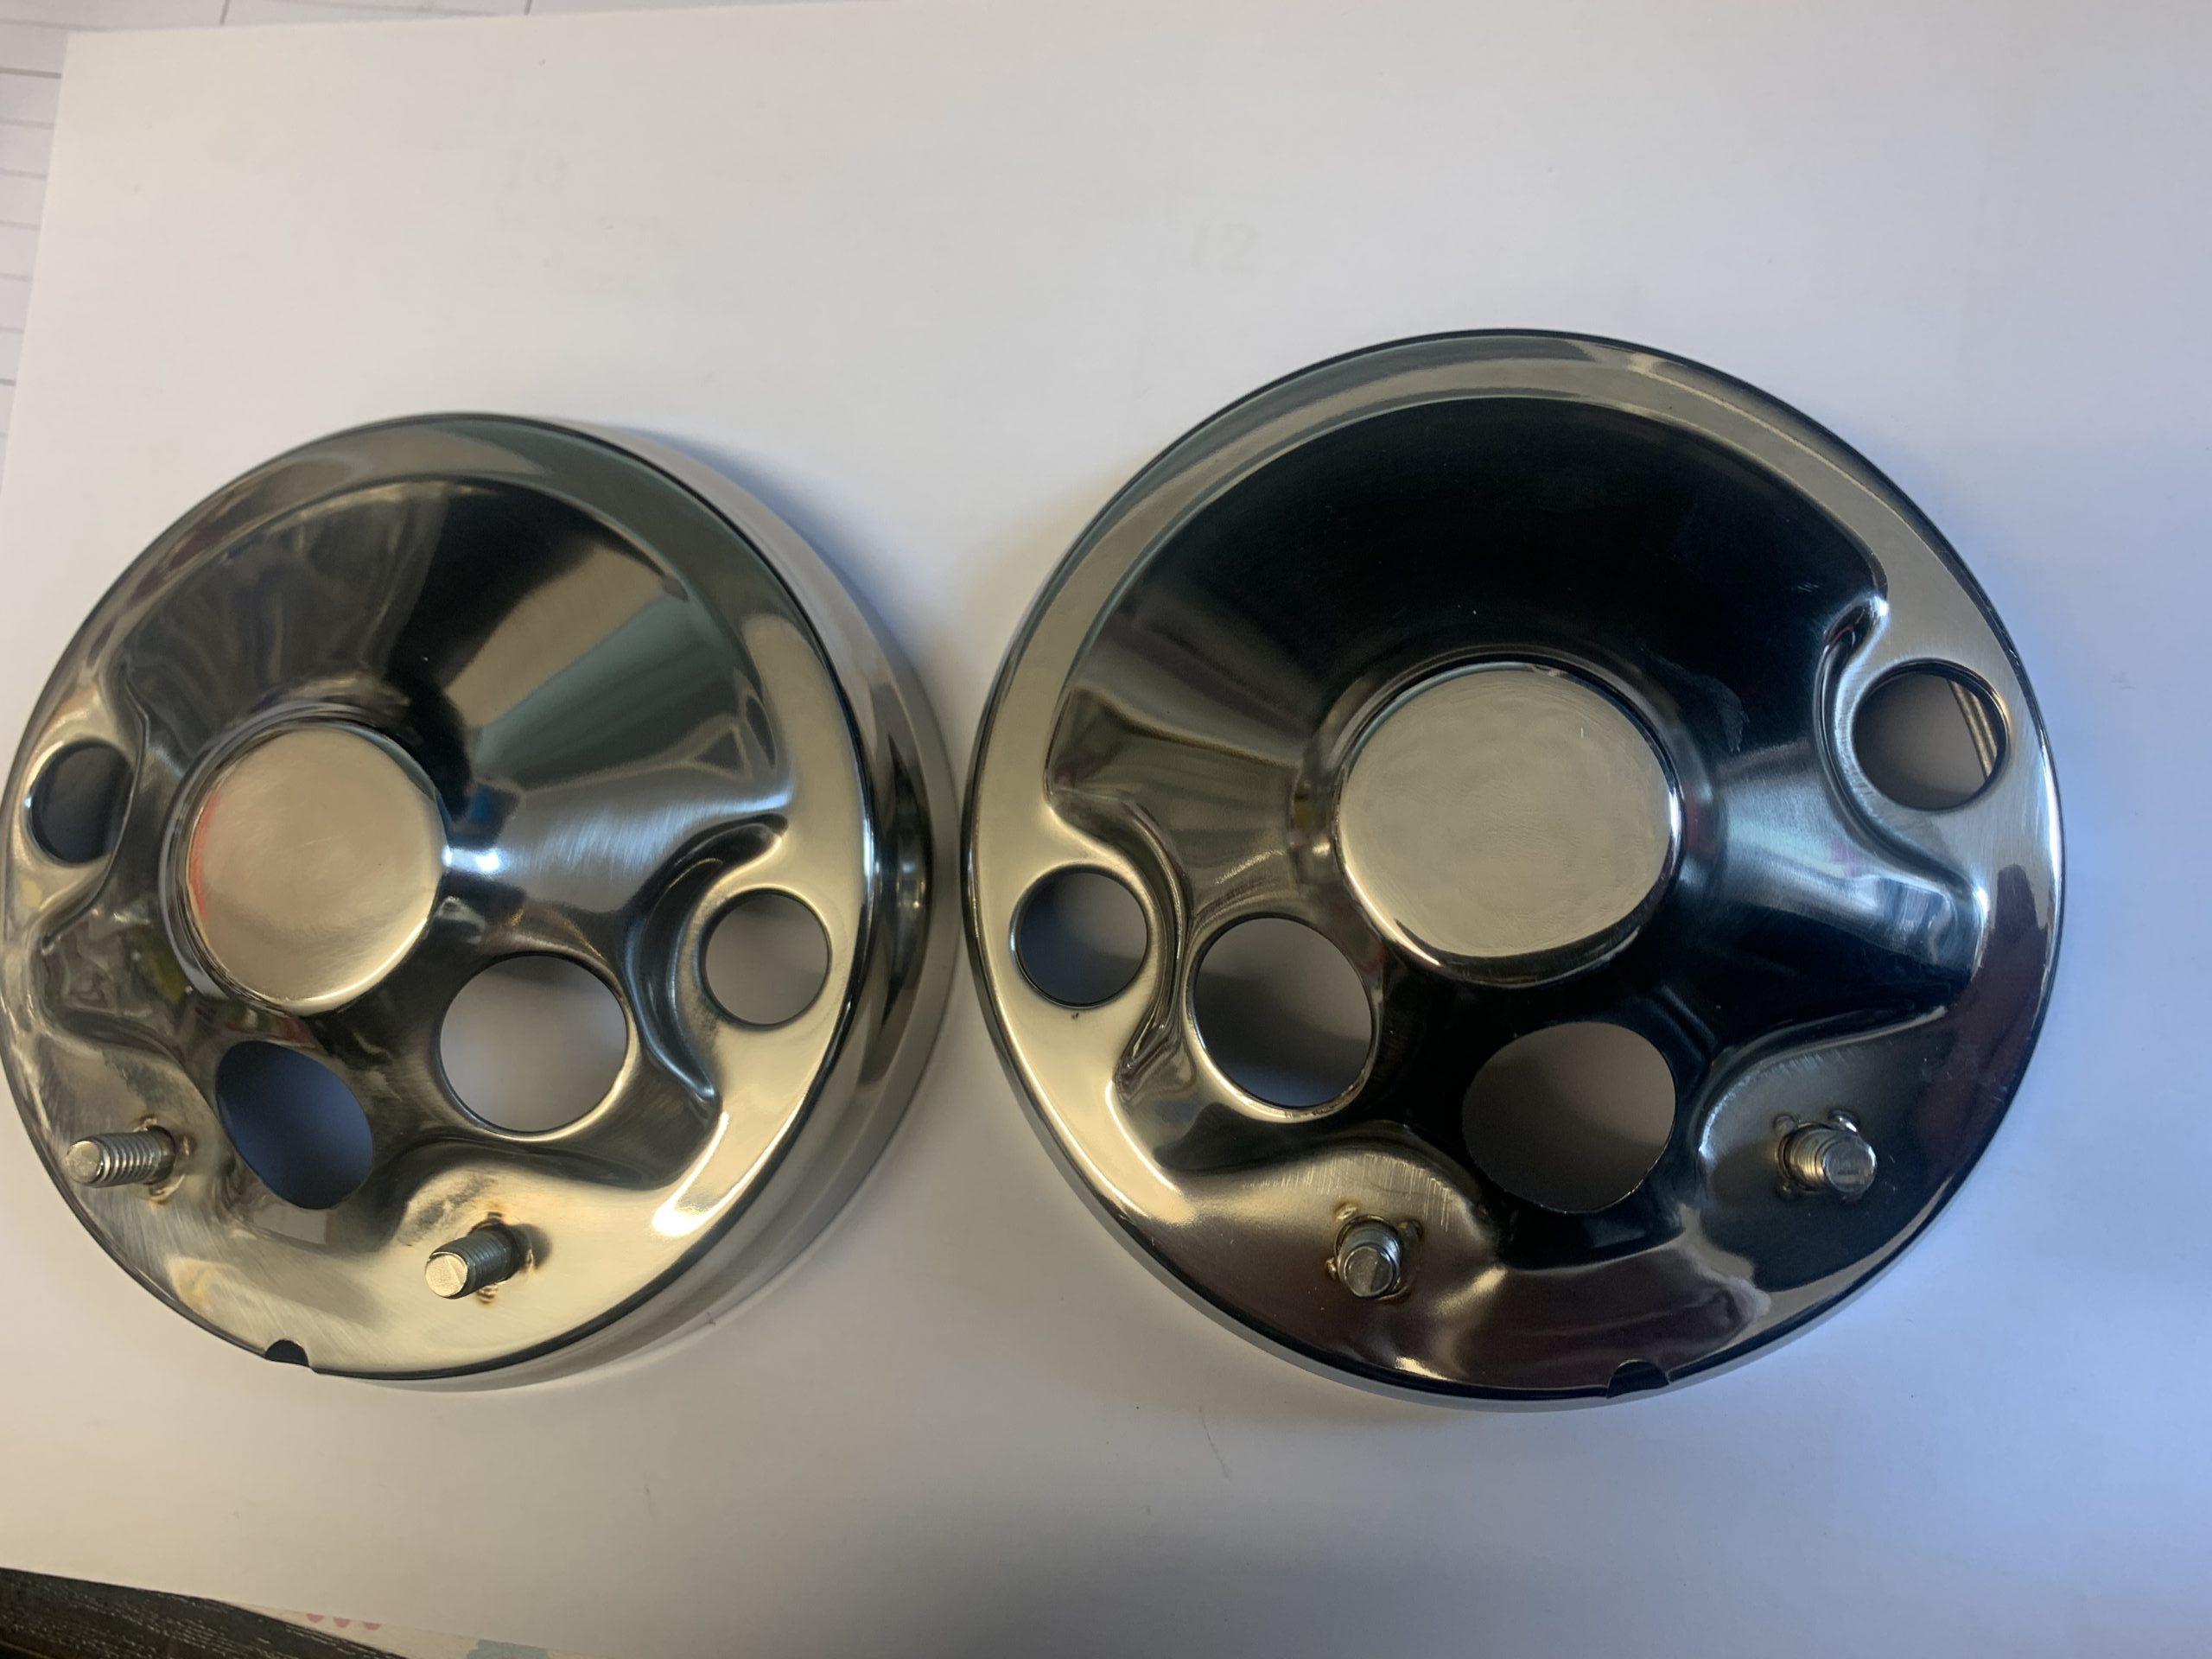 Détails sur HONDA CB 400 K CB400 K40 K40 K40 Horloge Bottoms SPEEDO TACHO  CHROME COVER CASE  afficher le titre d'origine